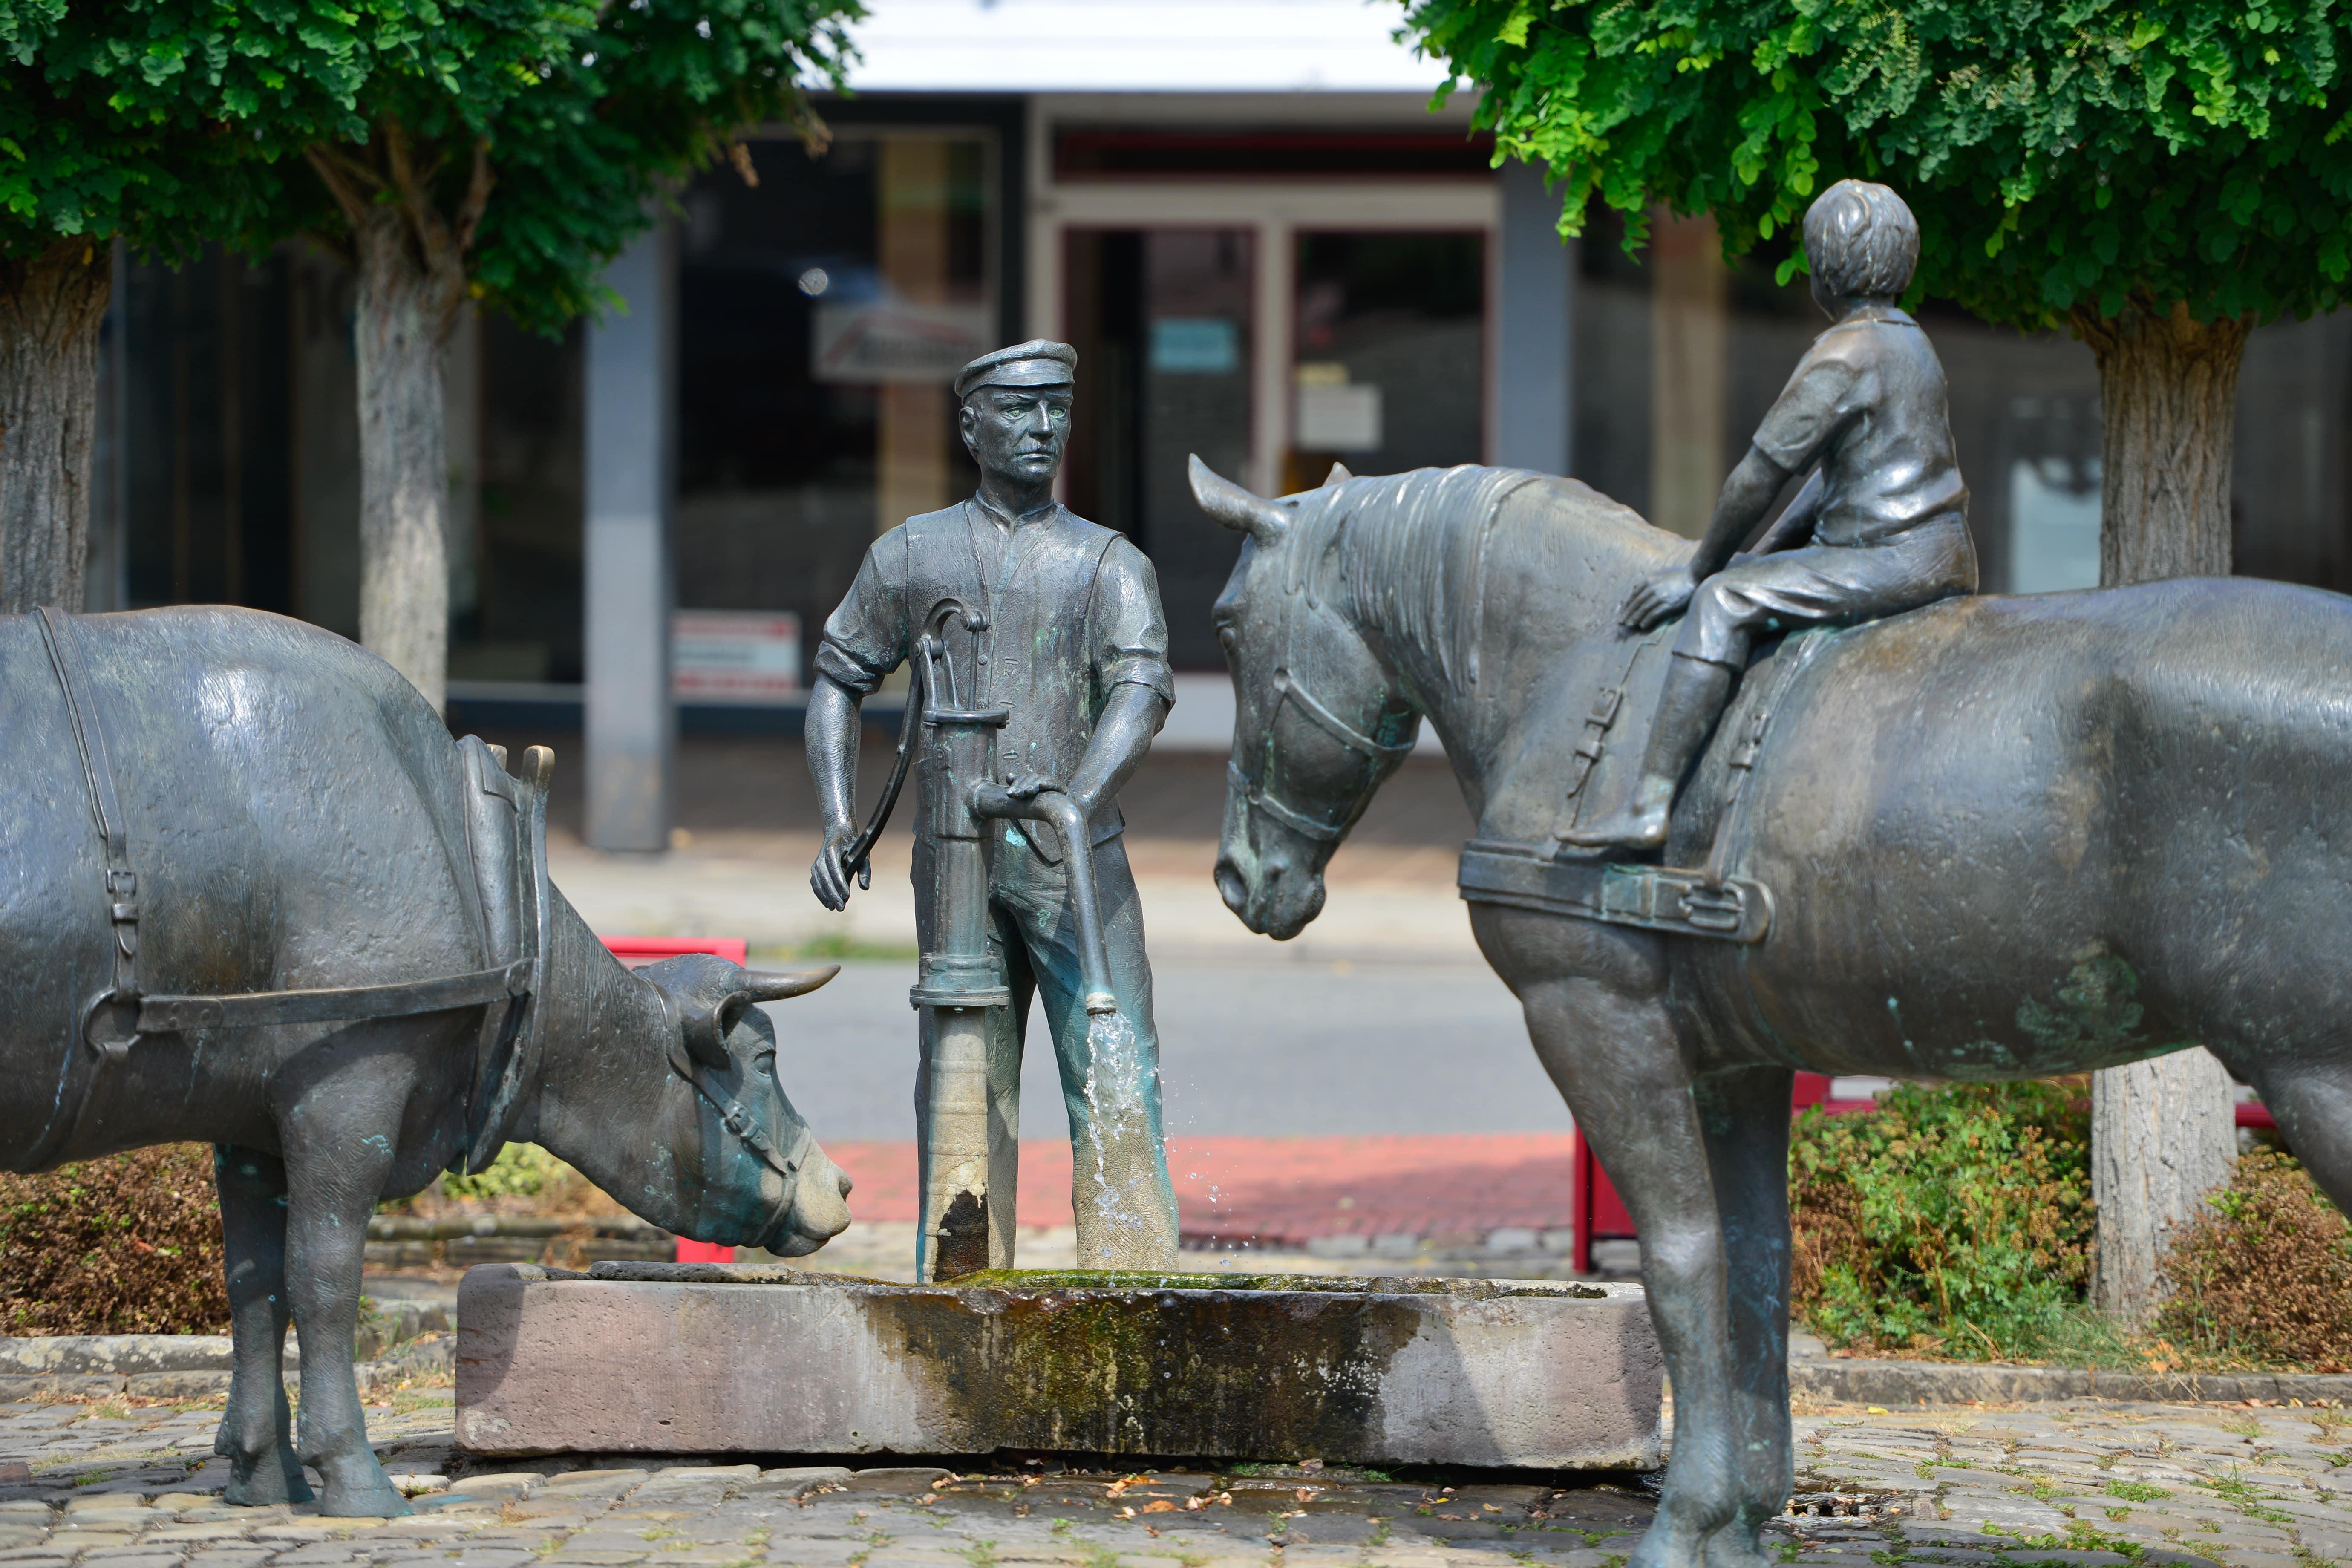 Marktplatz mit Ackerbürger Skultptur